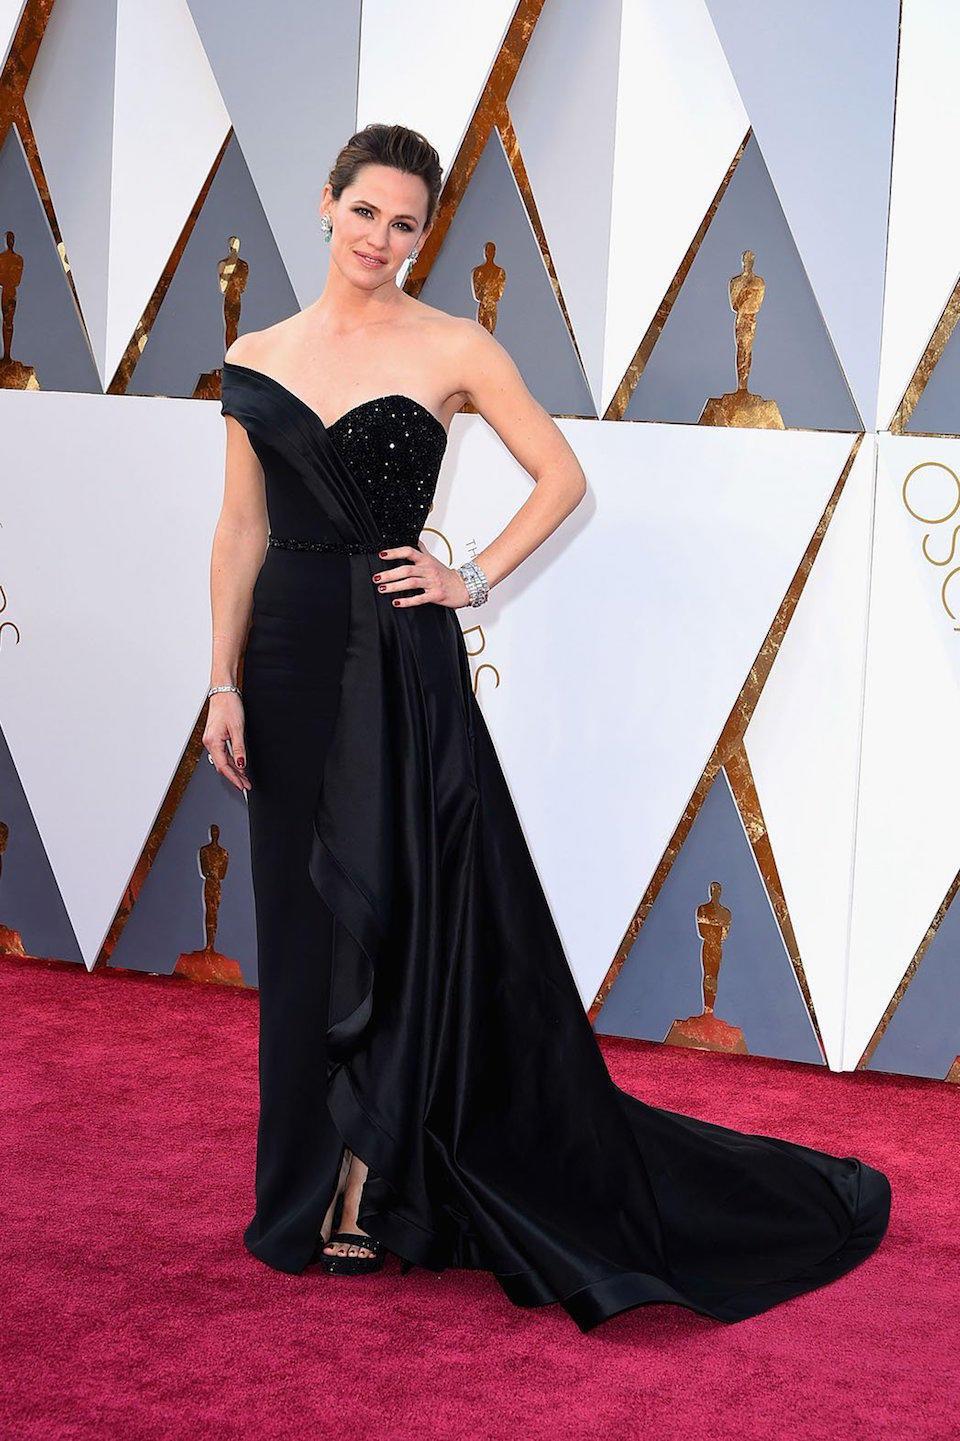 JenniferGarner_88th_Annual_Academy_Awards